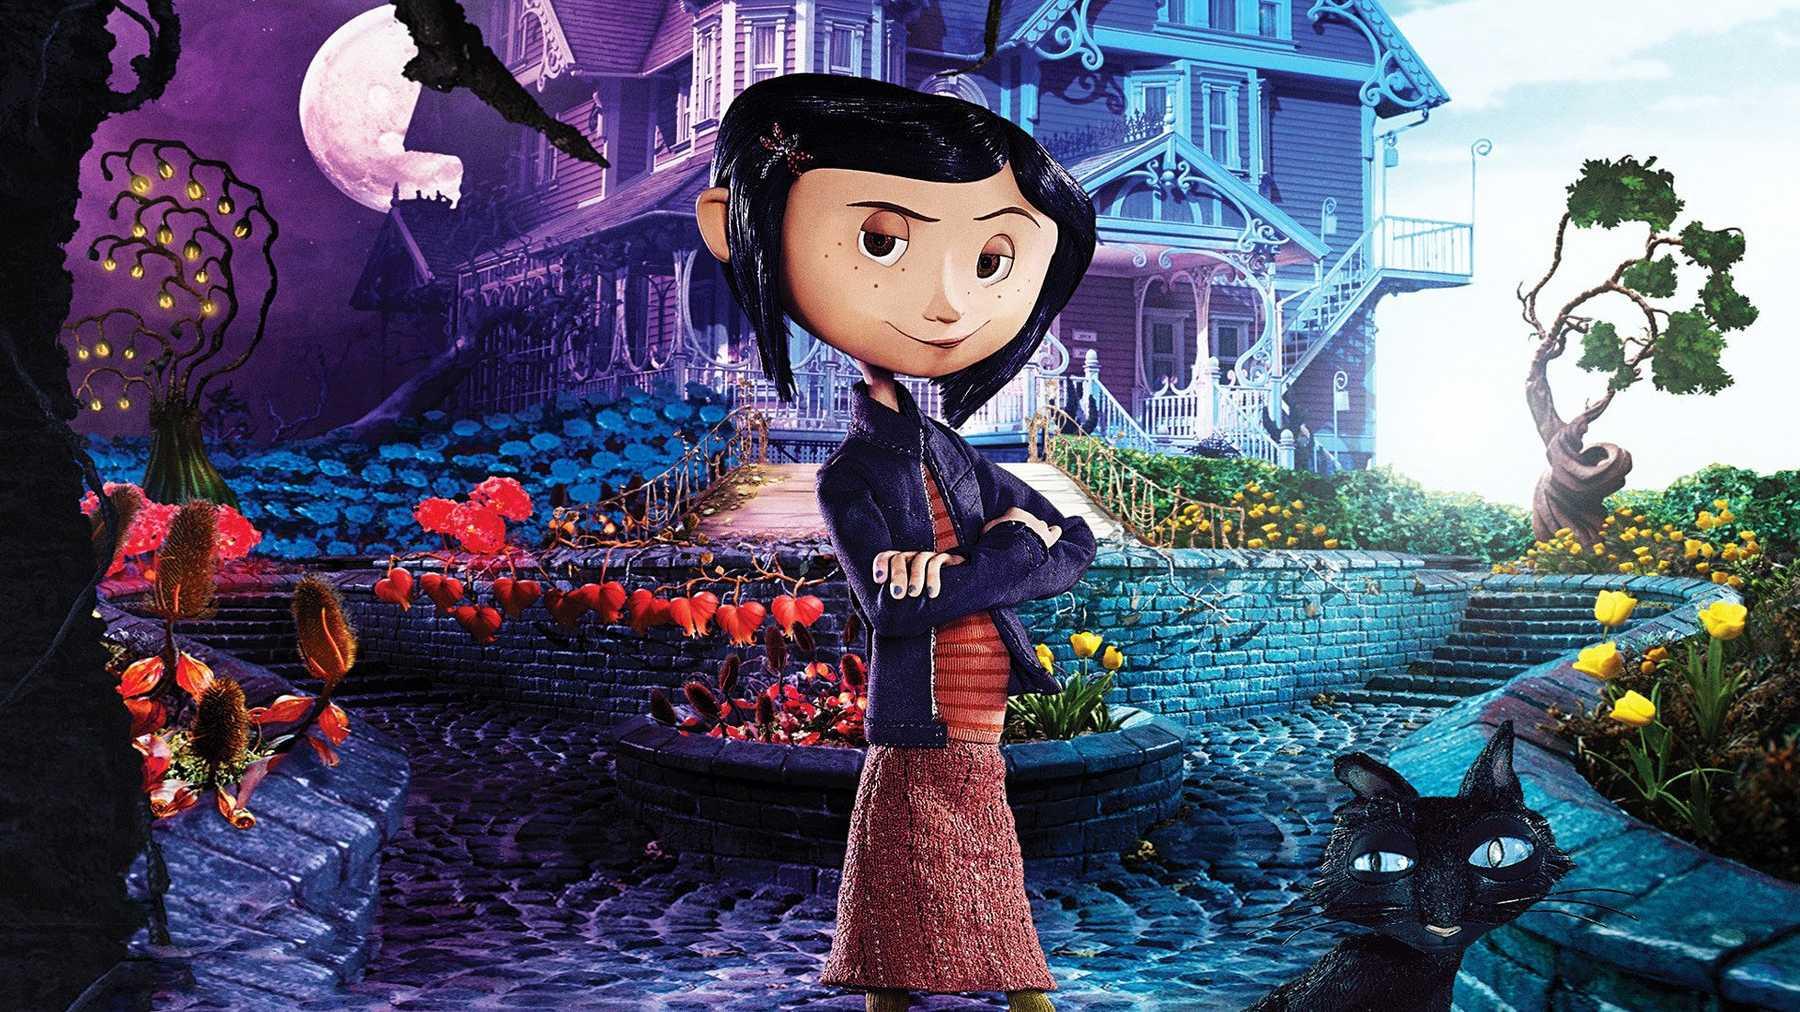 Coraline โครอลไลน์กับโลกพิศวง